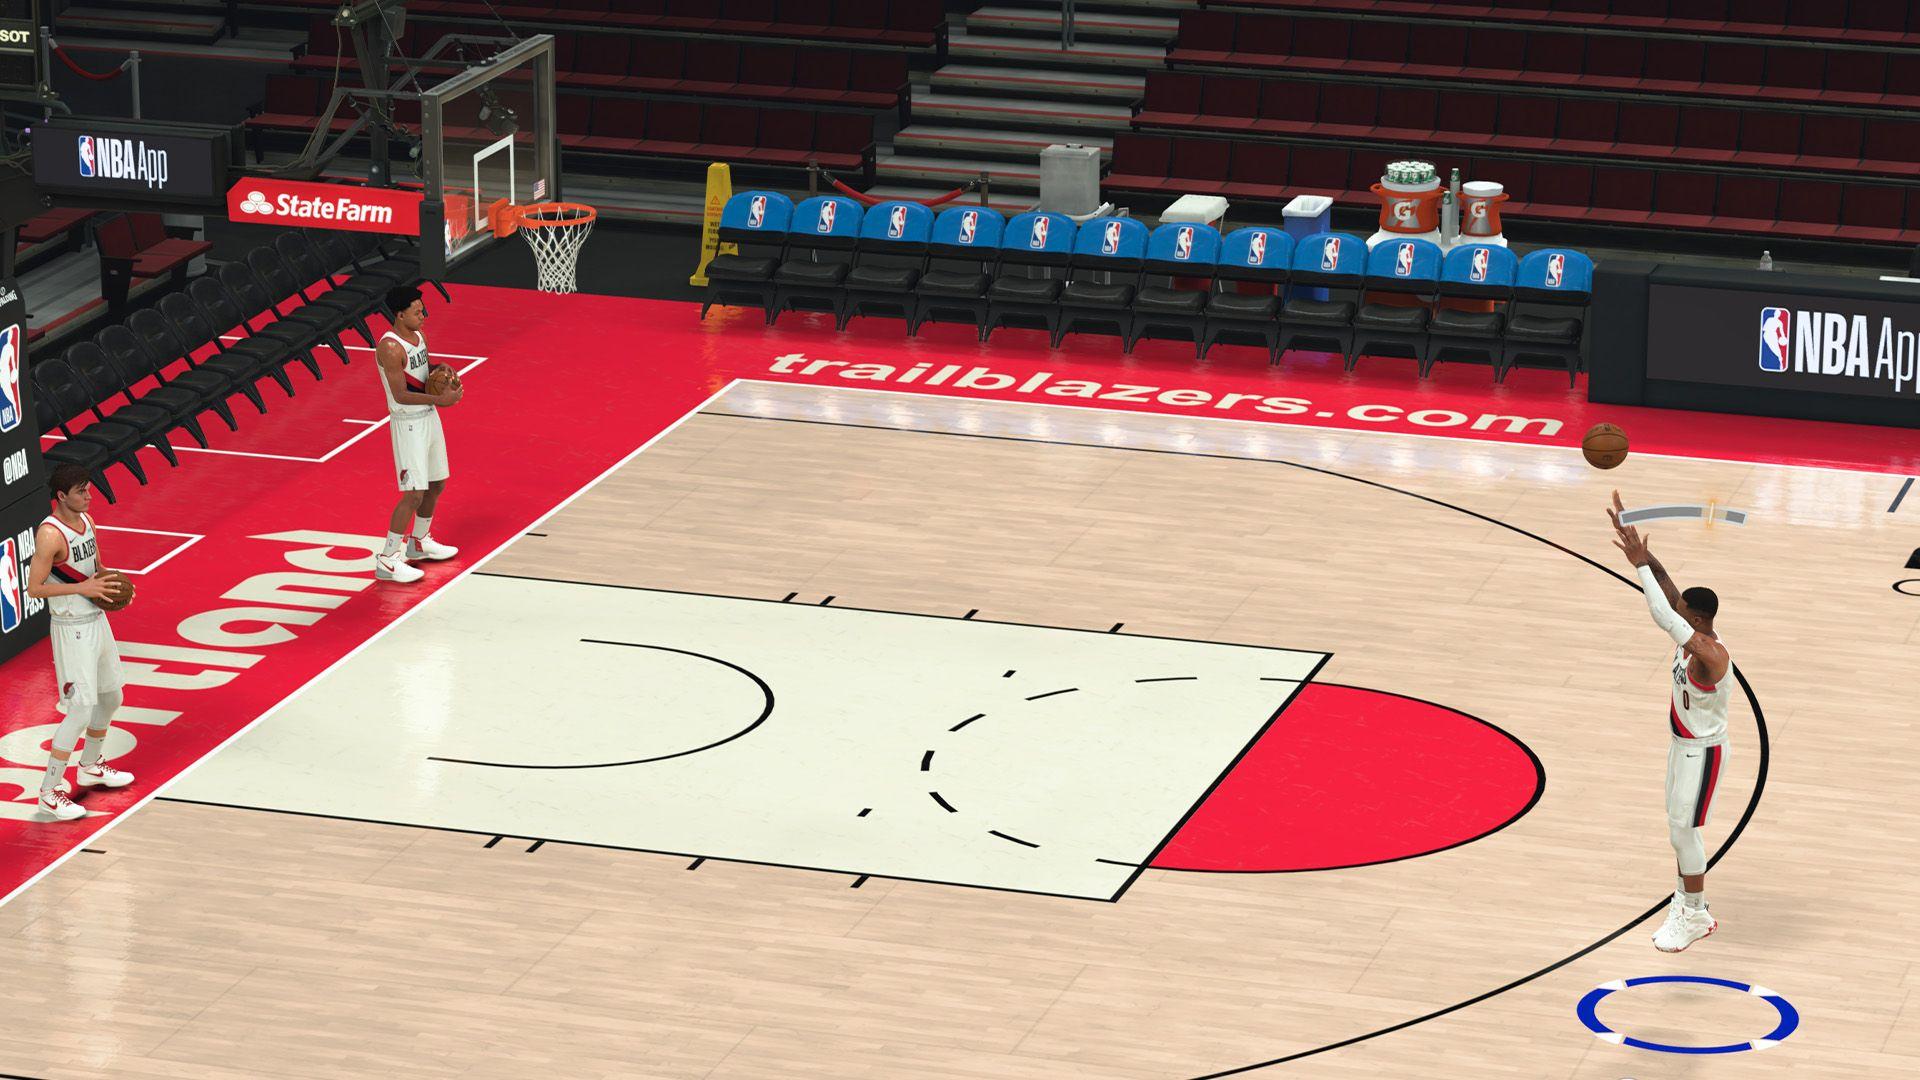 NBA 2K21 Basketball Video Game